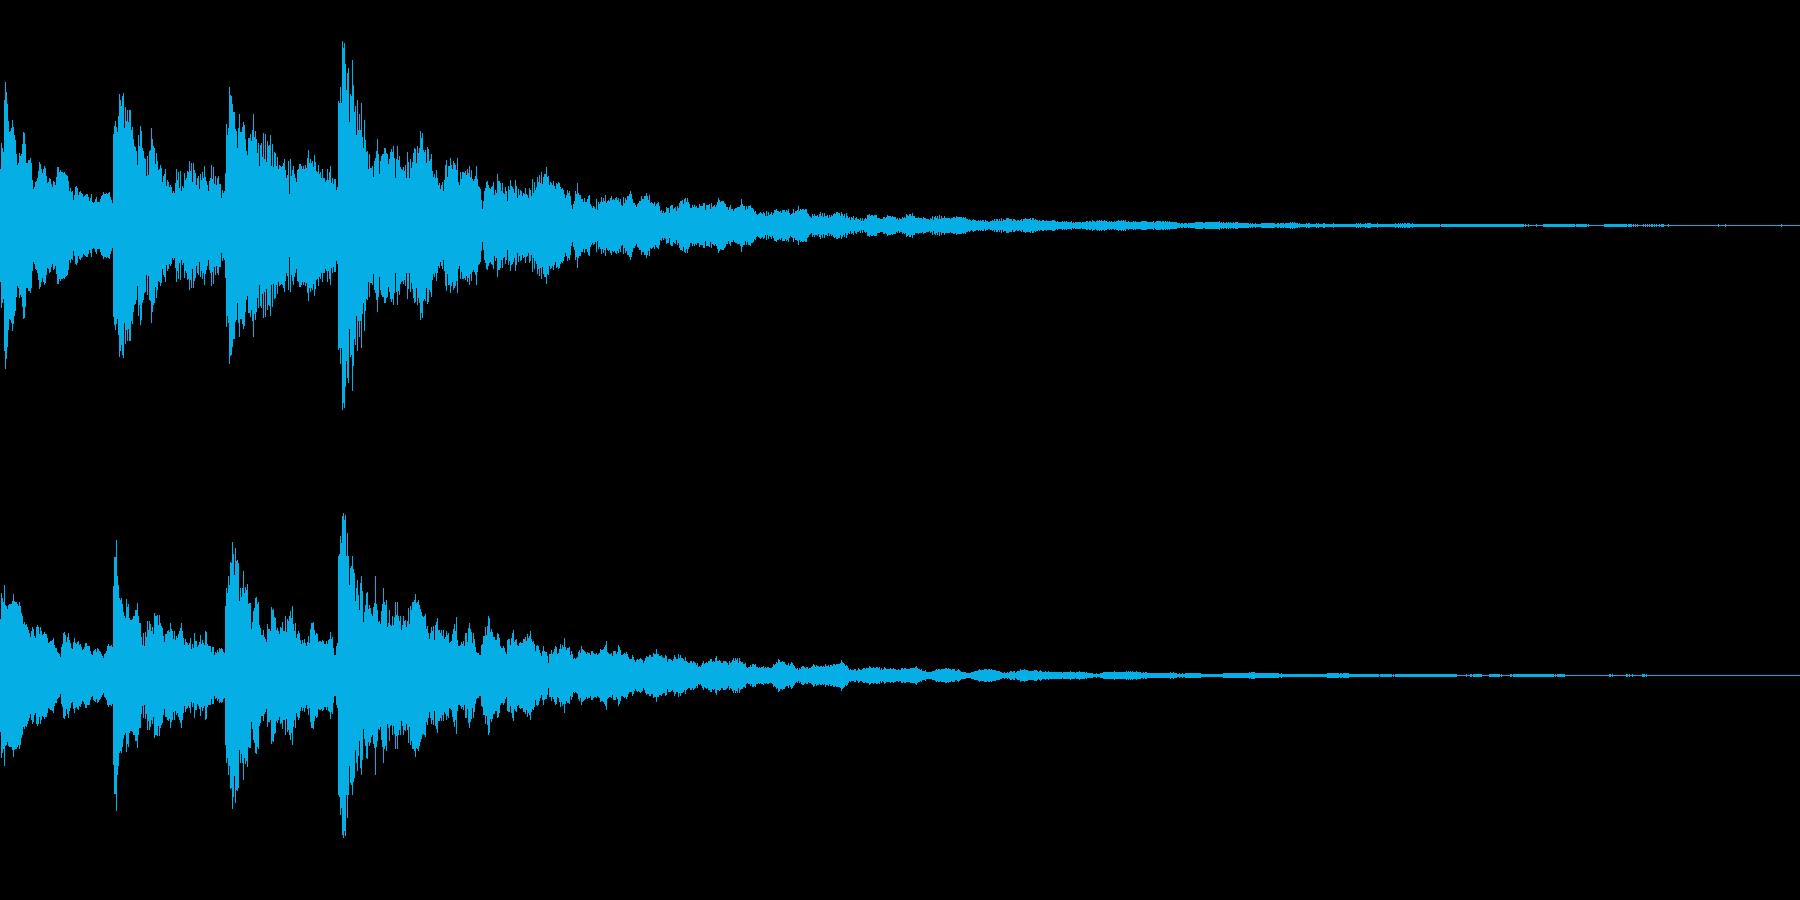 ピンポンパンポーン(シンセベルの音で)の再生済みの波形